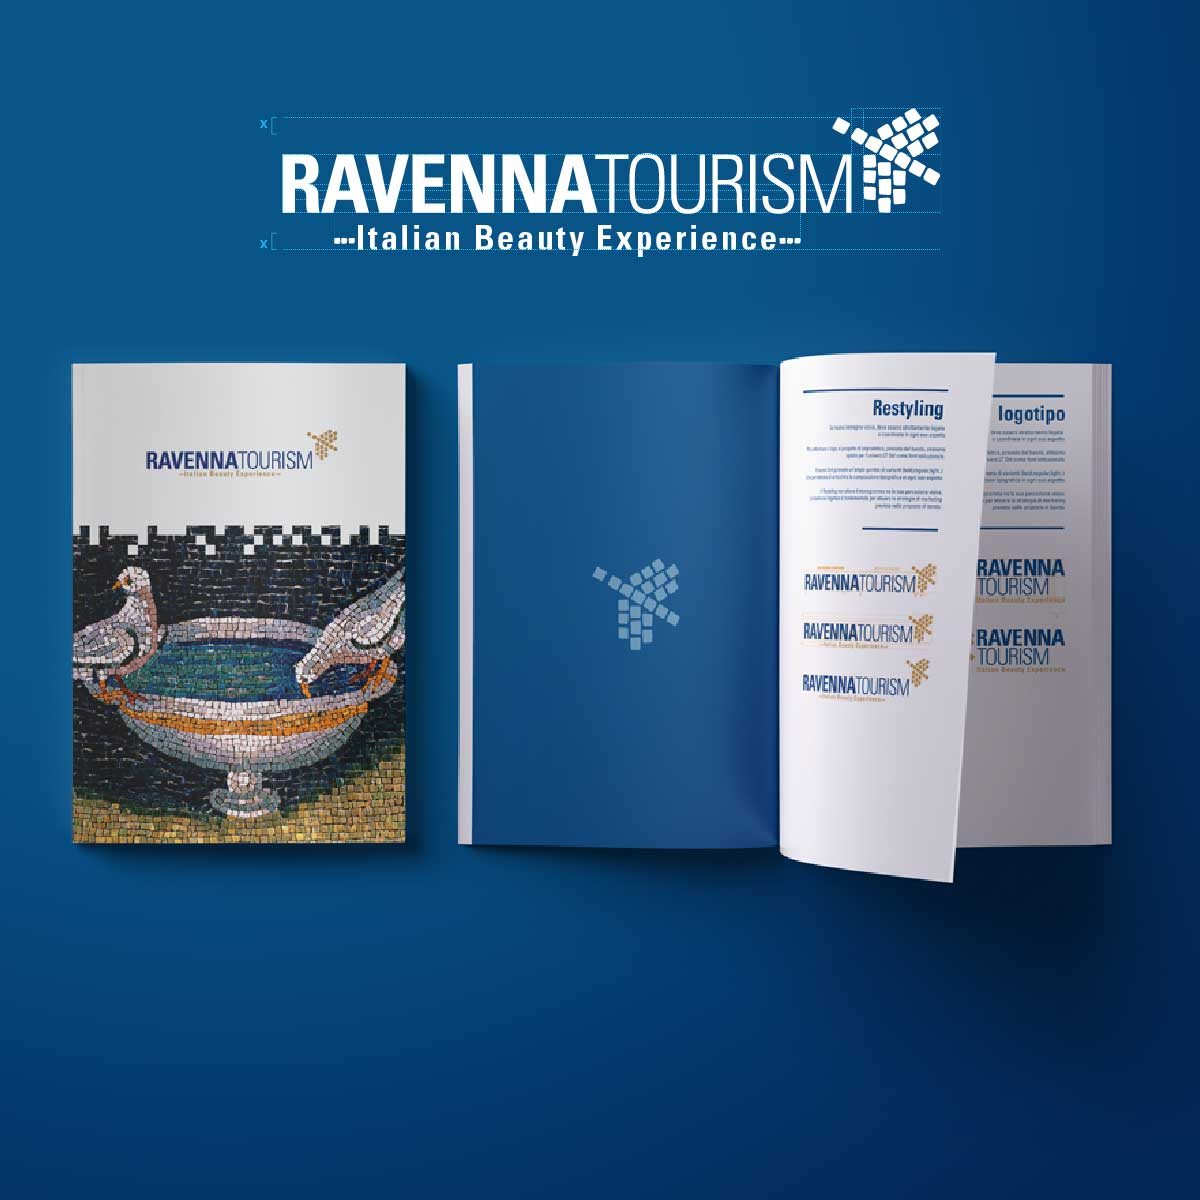 comune-di-ravenna-marketing-turismo-branding-9